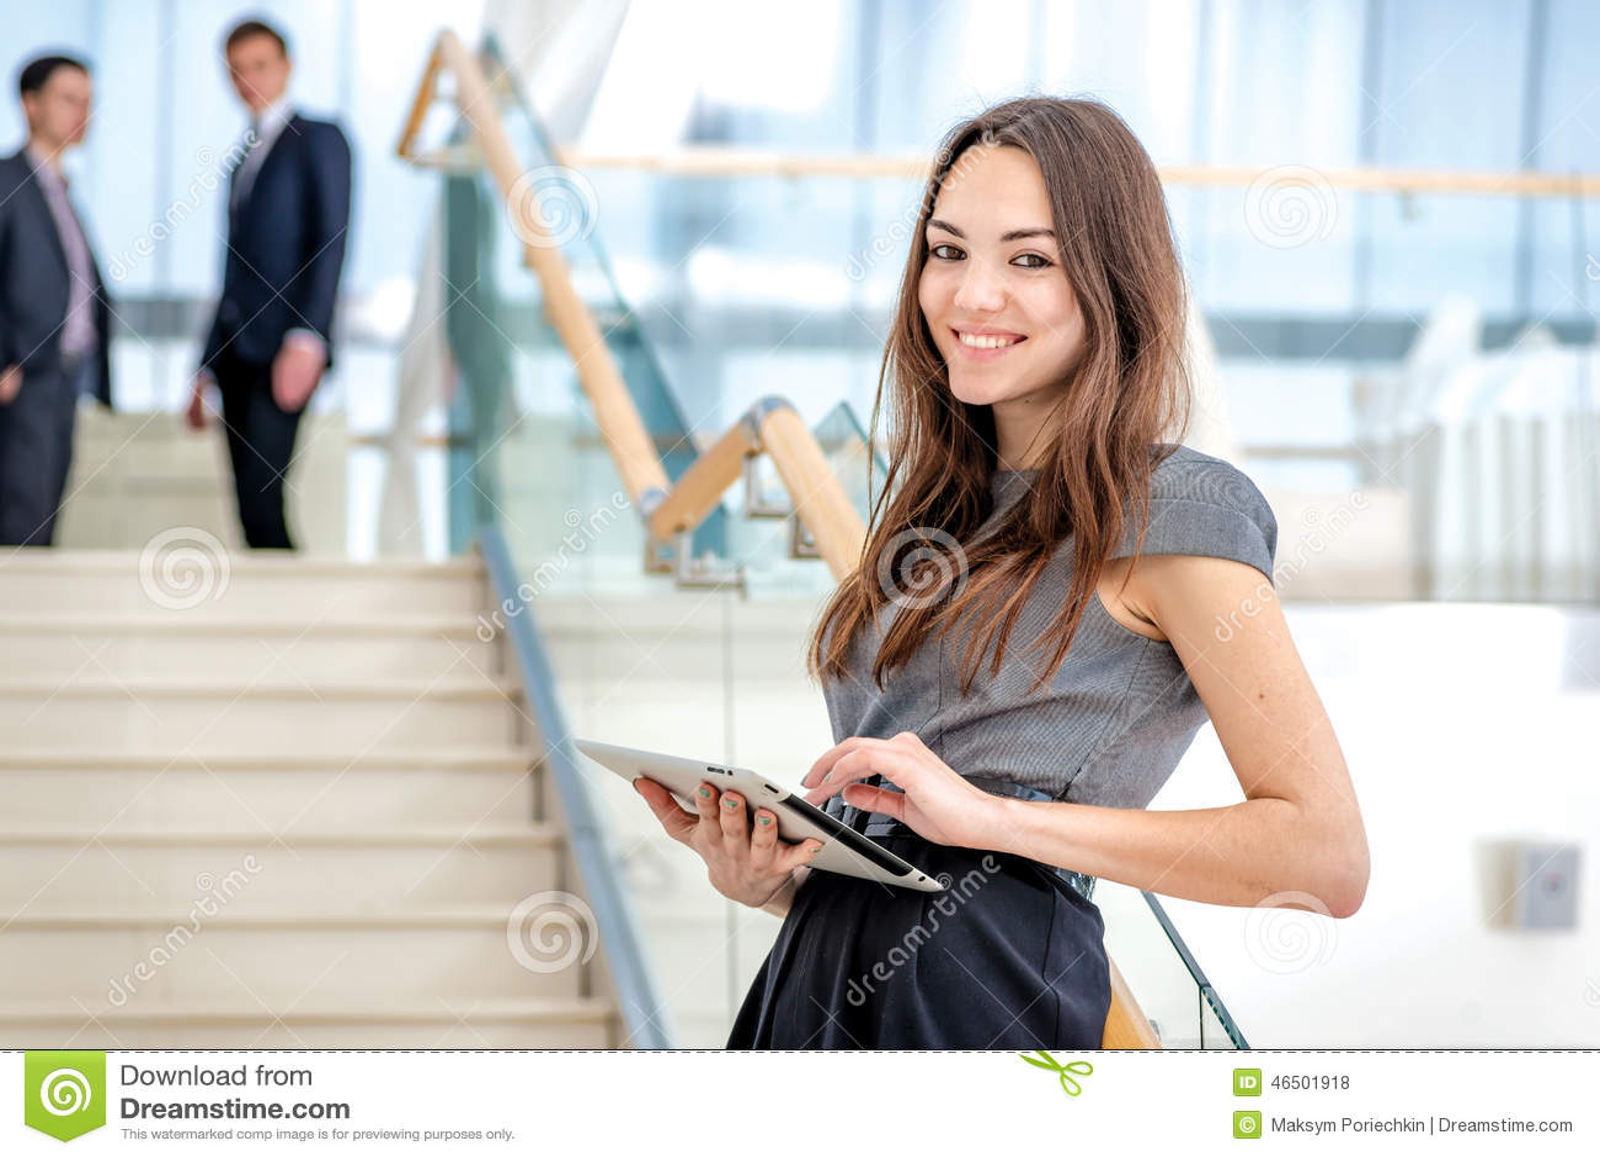 Καλύτερος εργαζόμενος! Στάσεις επιχειρηματιών γυναικών στα σκαλοπάτια